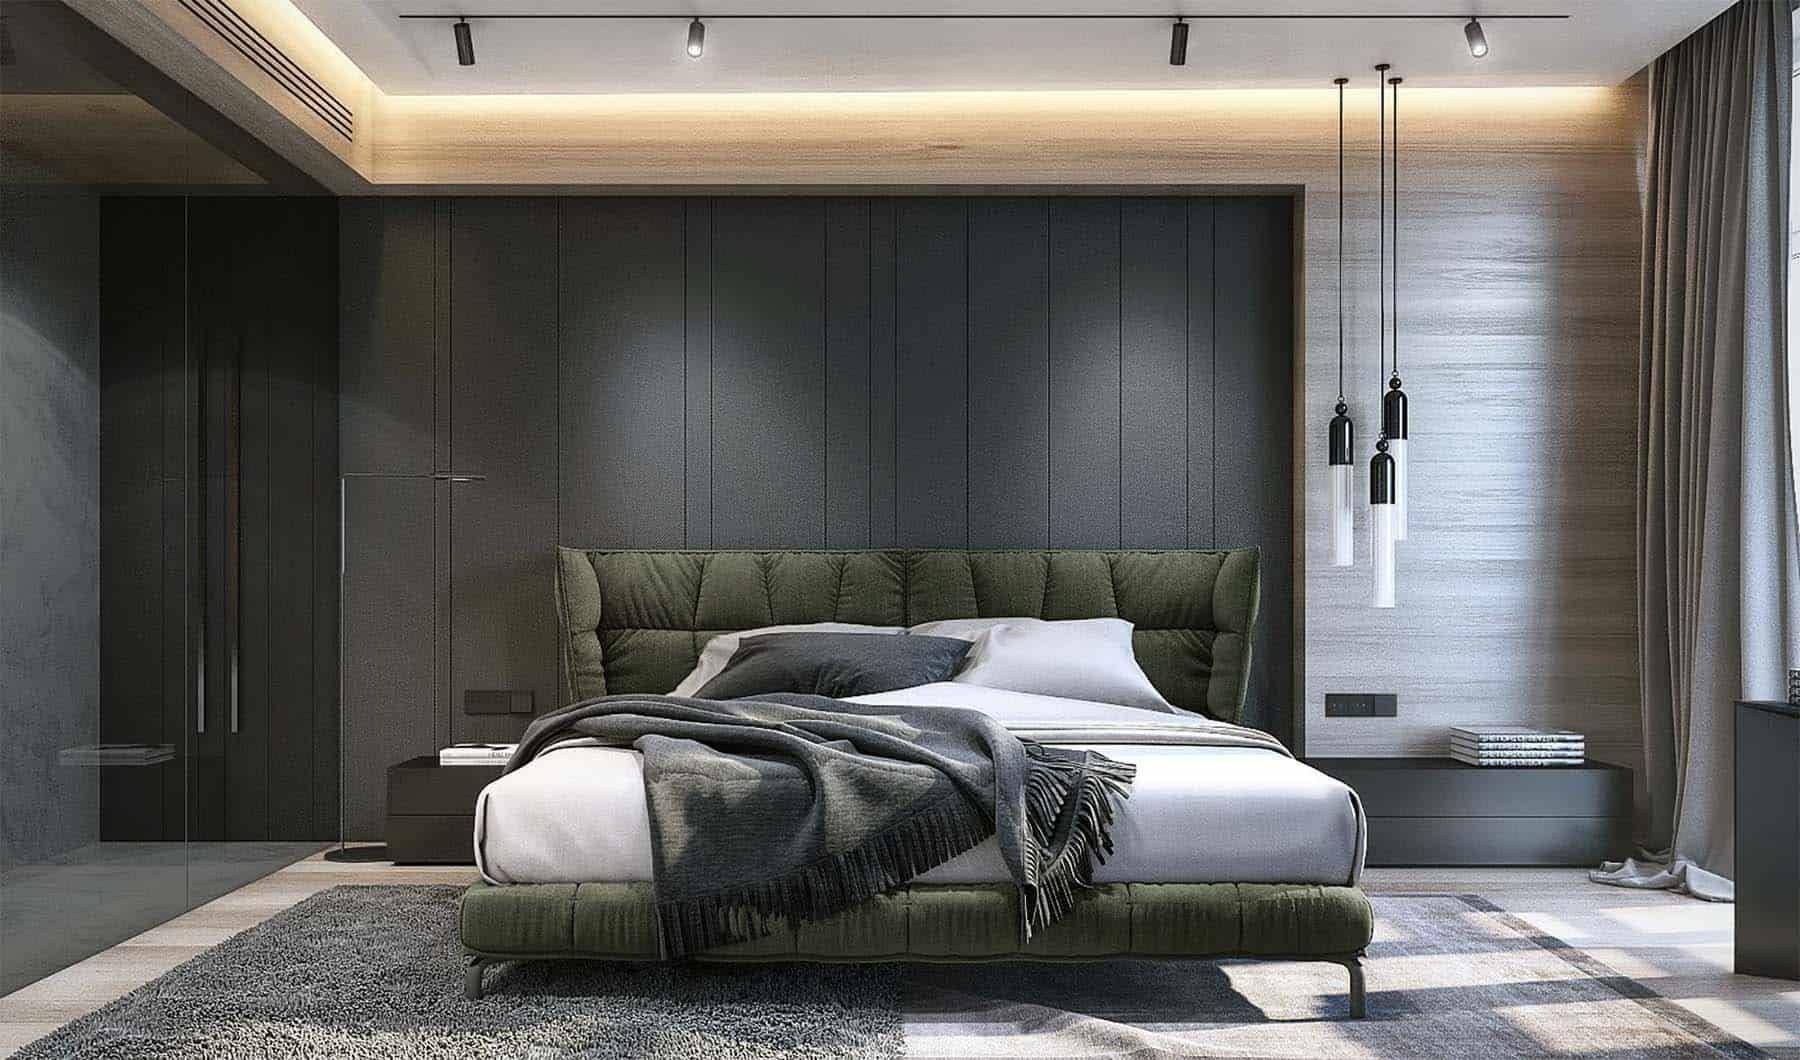 New Trend And Modern Bedroom Design Ideas For 2020 Part 3 Decoracao Quarto Apartamento Pequeno Decoracao Quarto Casal Simples Decoracao Quarto Casal Pequeno